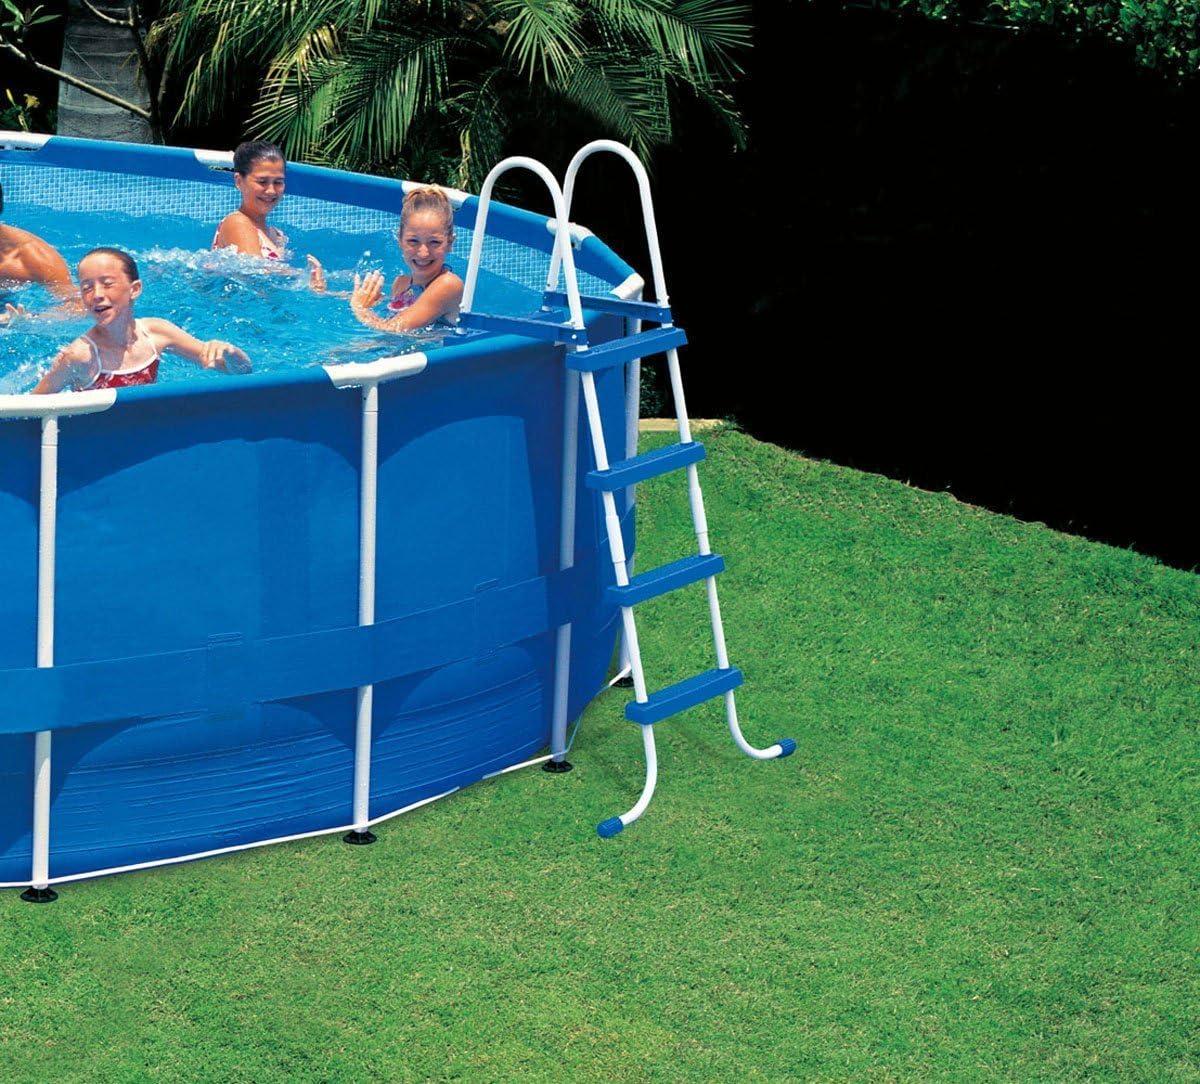 Intex Escalera para piscina sin Plataforma 58974. Jardín Casa Ferr 164061: Amazon.es: Jardín